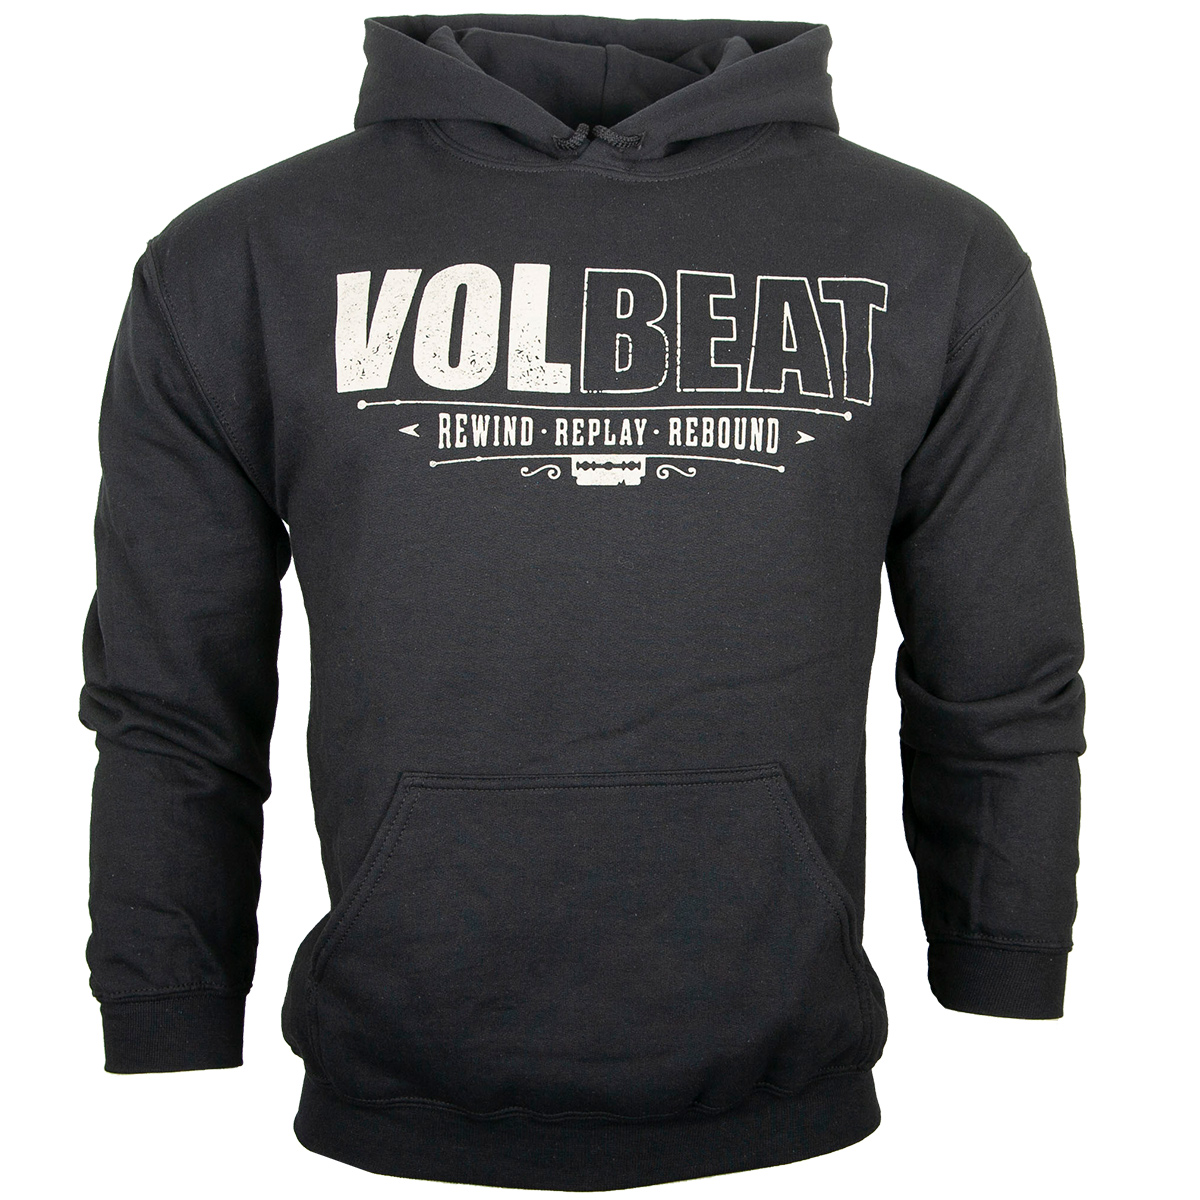 Volbeat - Kapuzenpullover - Rewind Replay Rebound - schwarz